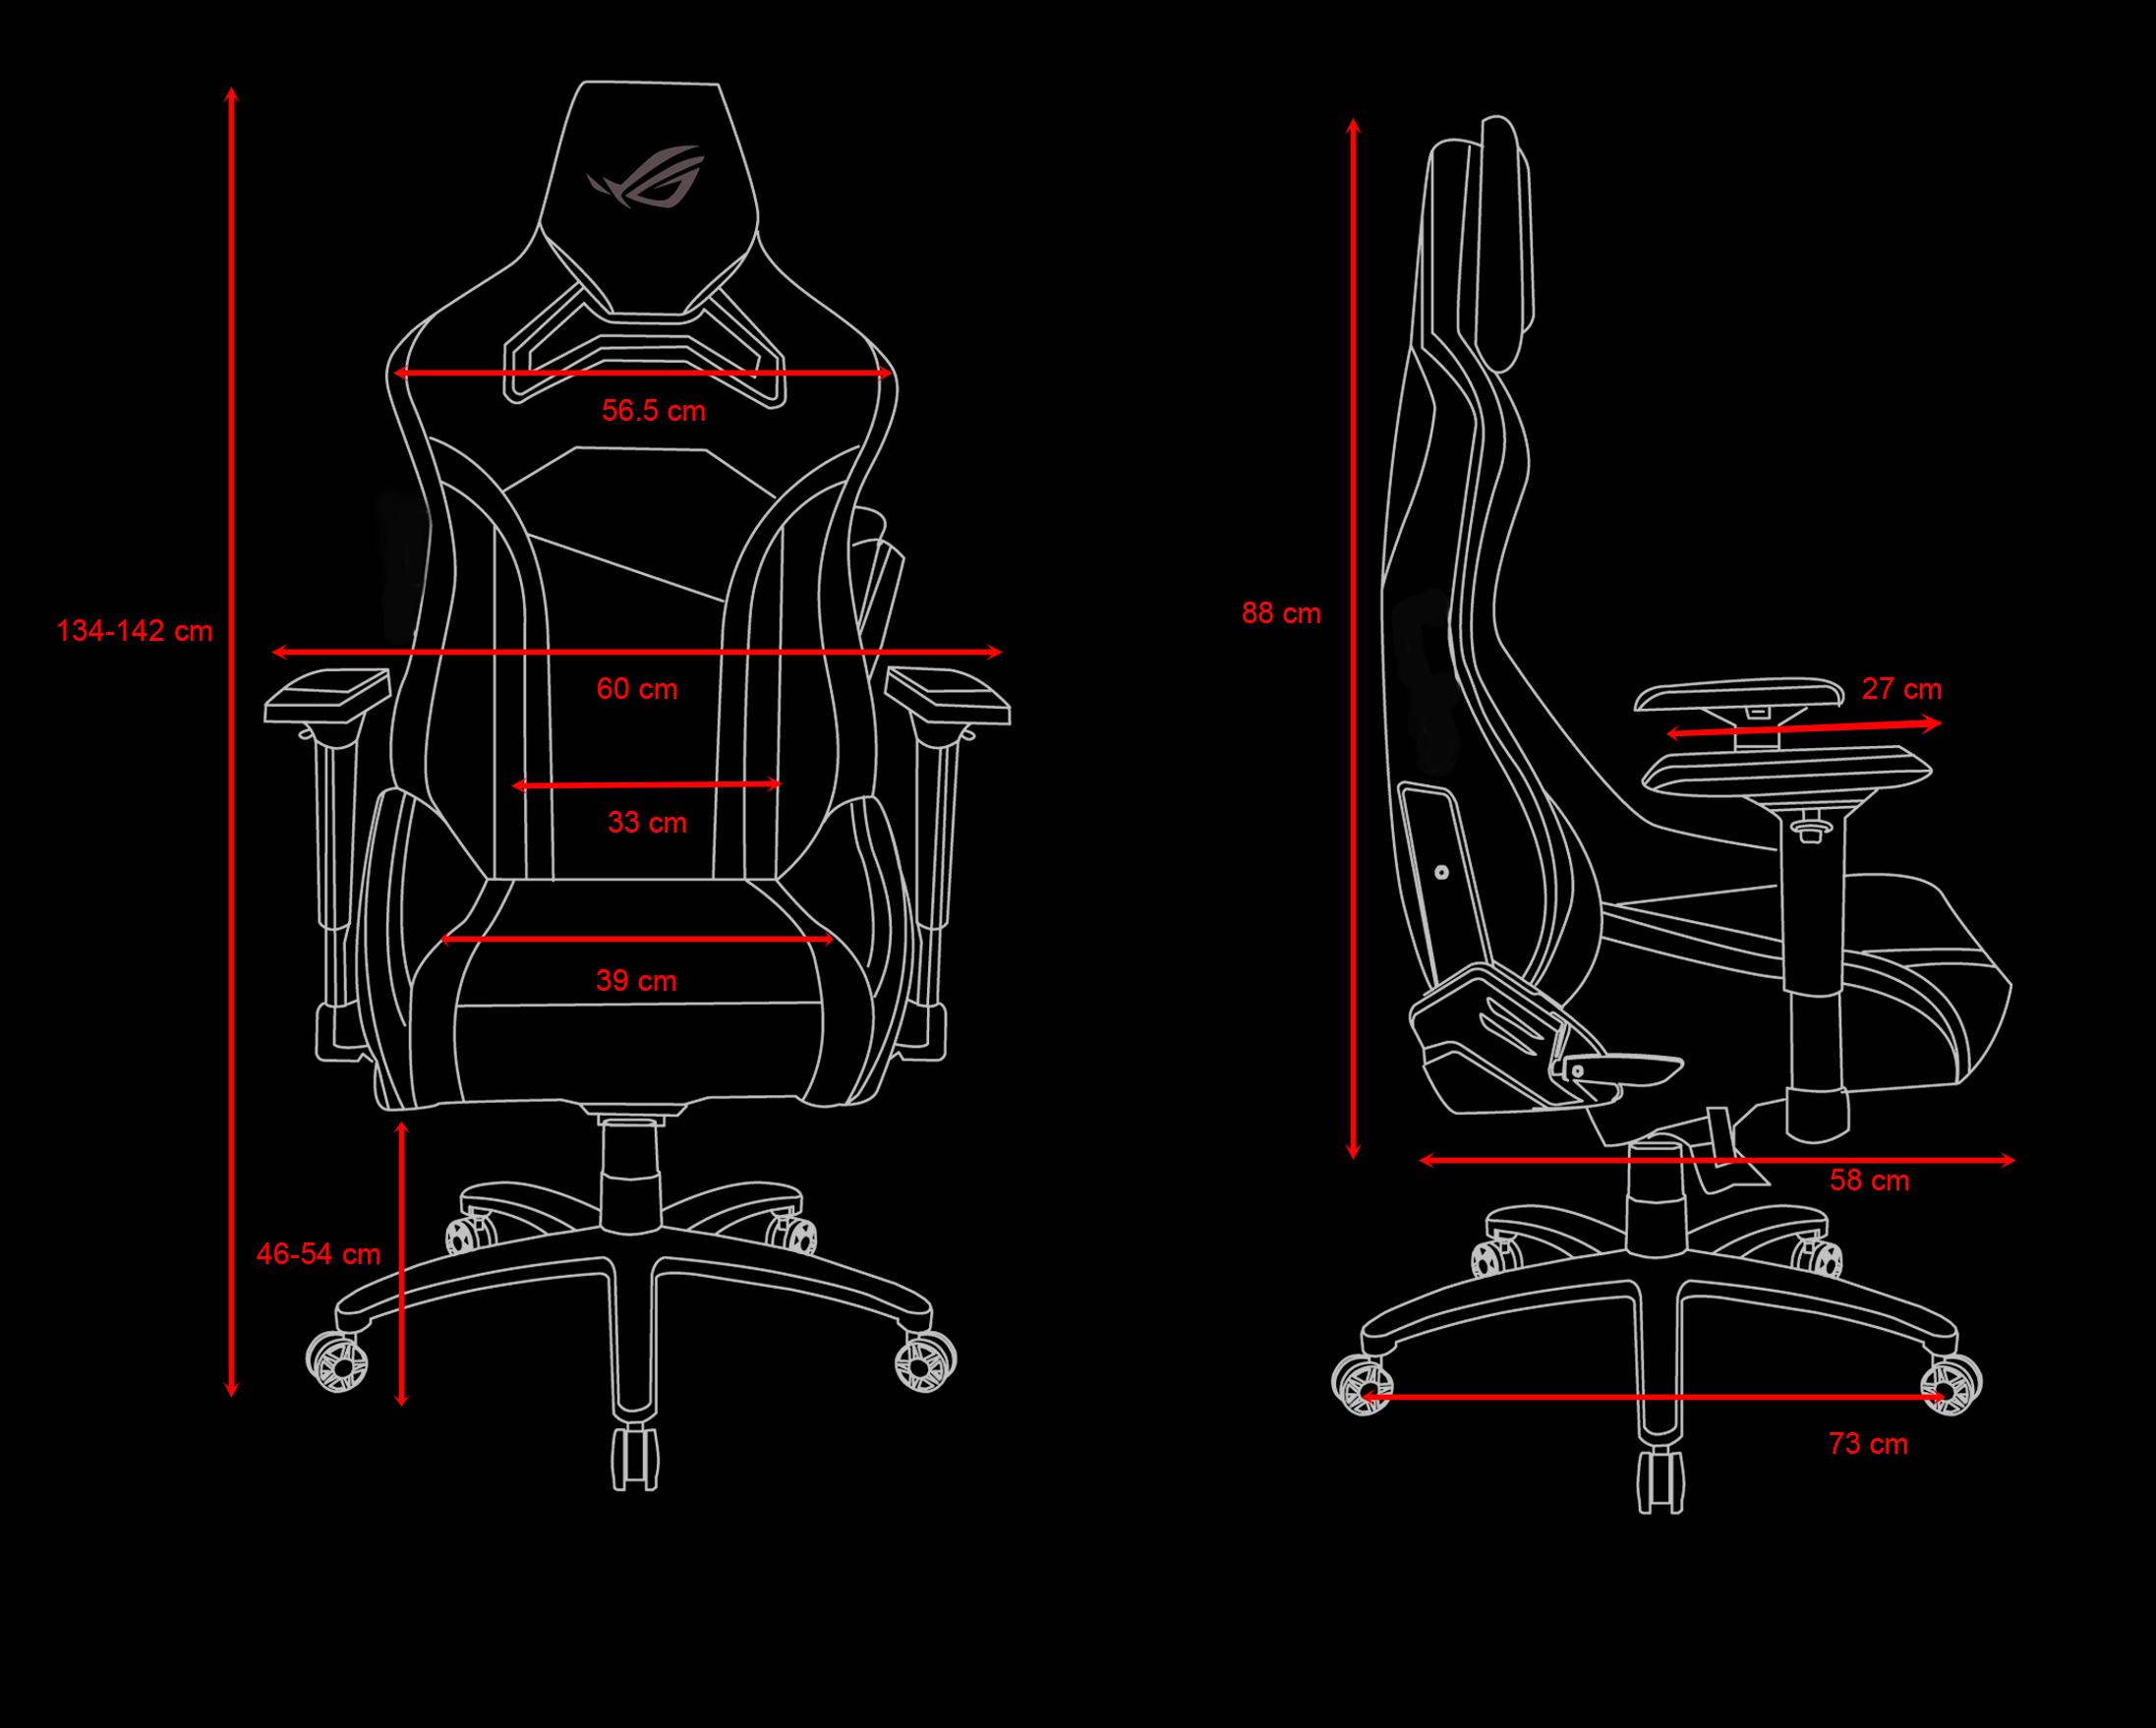 Chi tiết kích thước Ghế chơi game ASUS ROG Chariot RGB